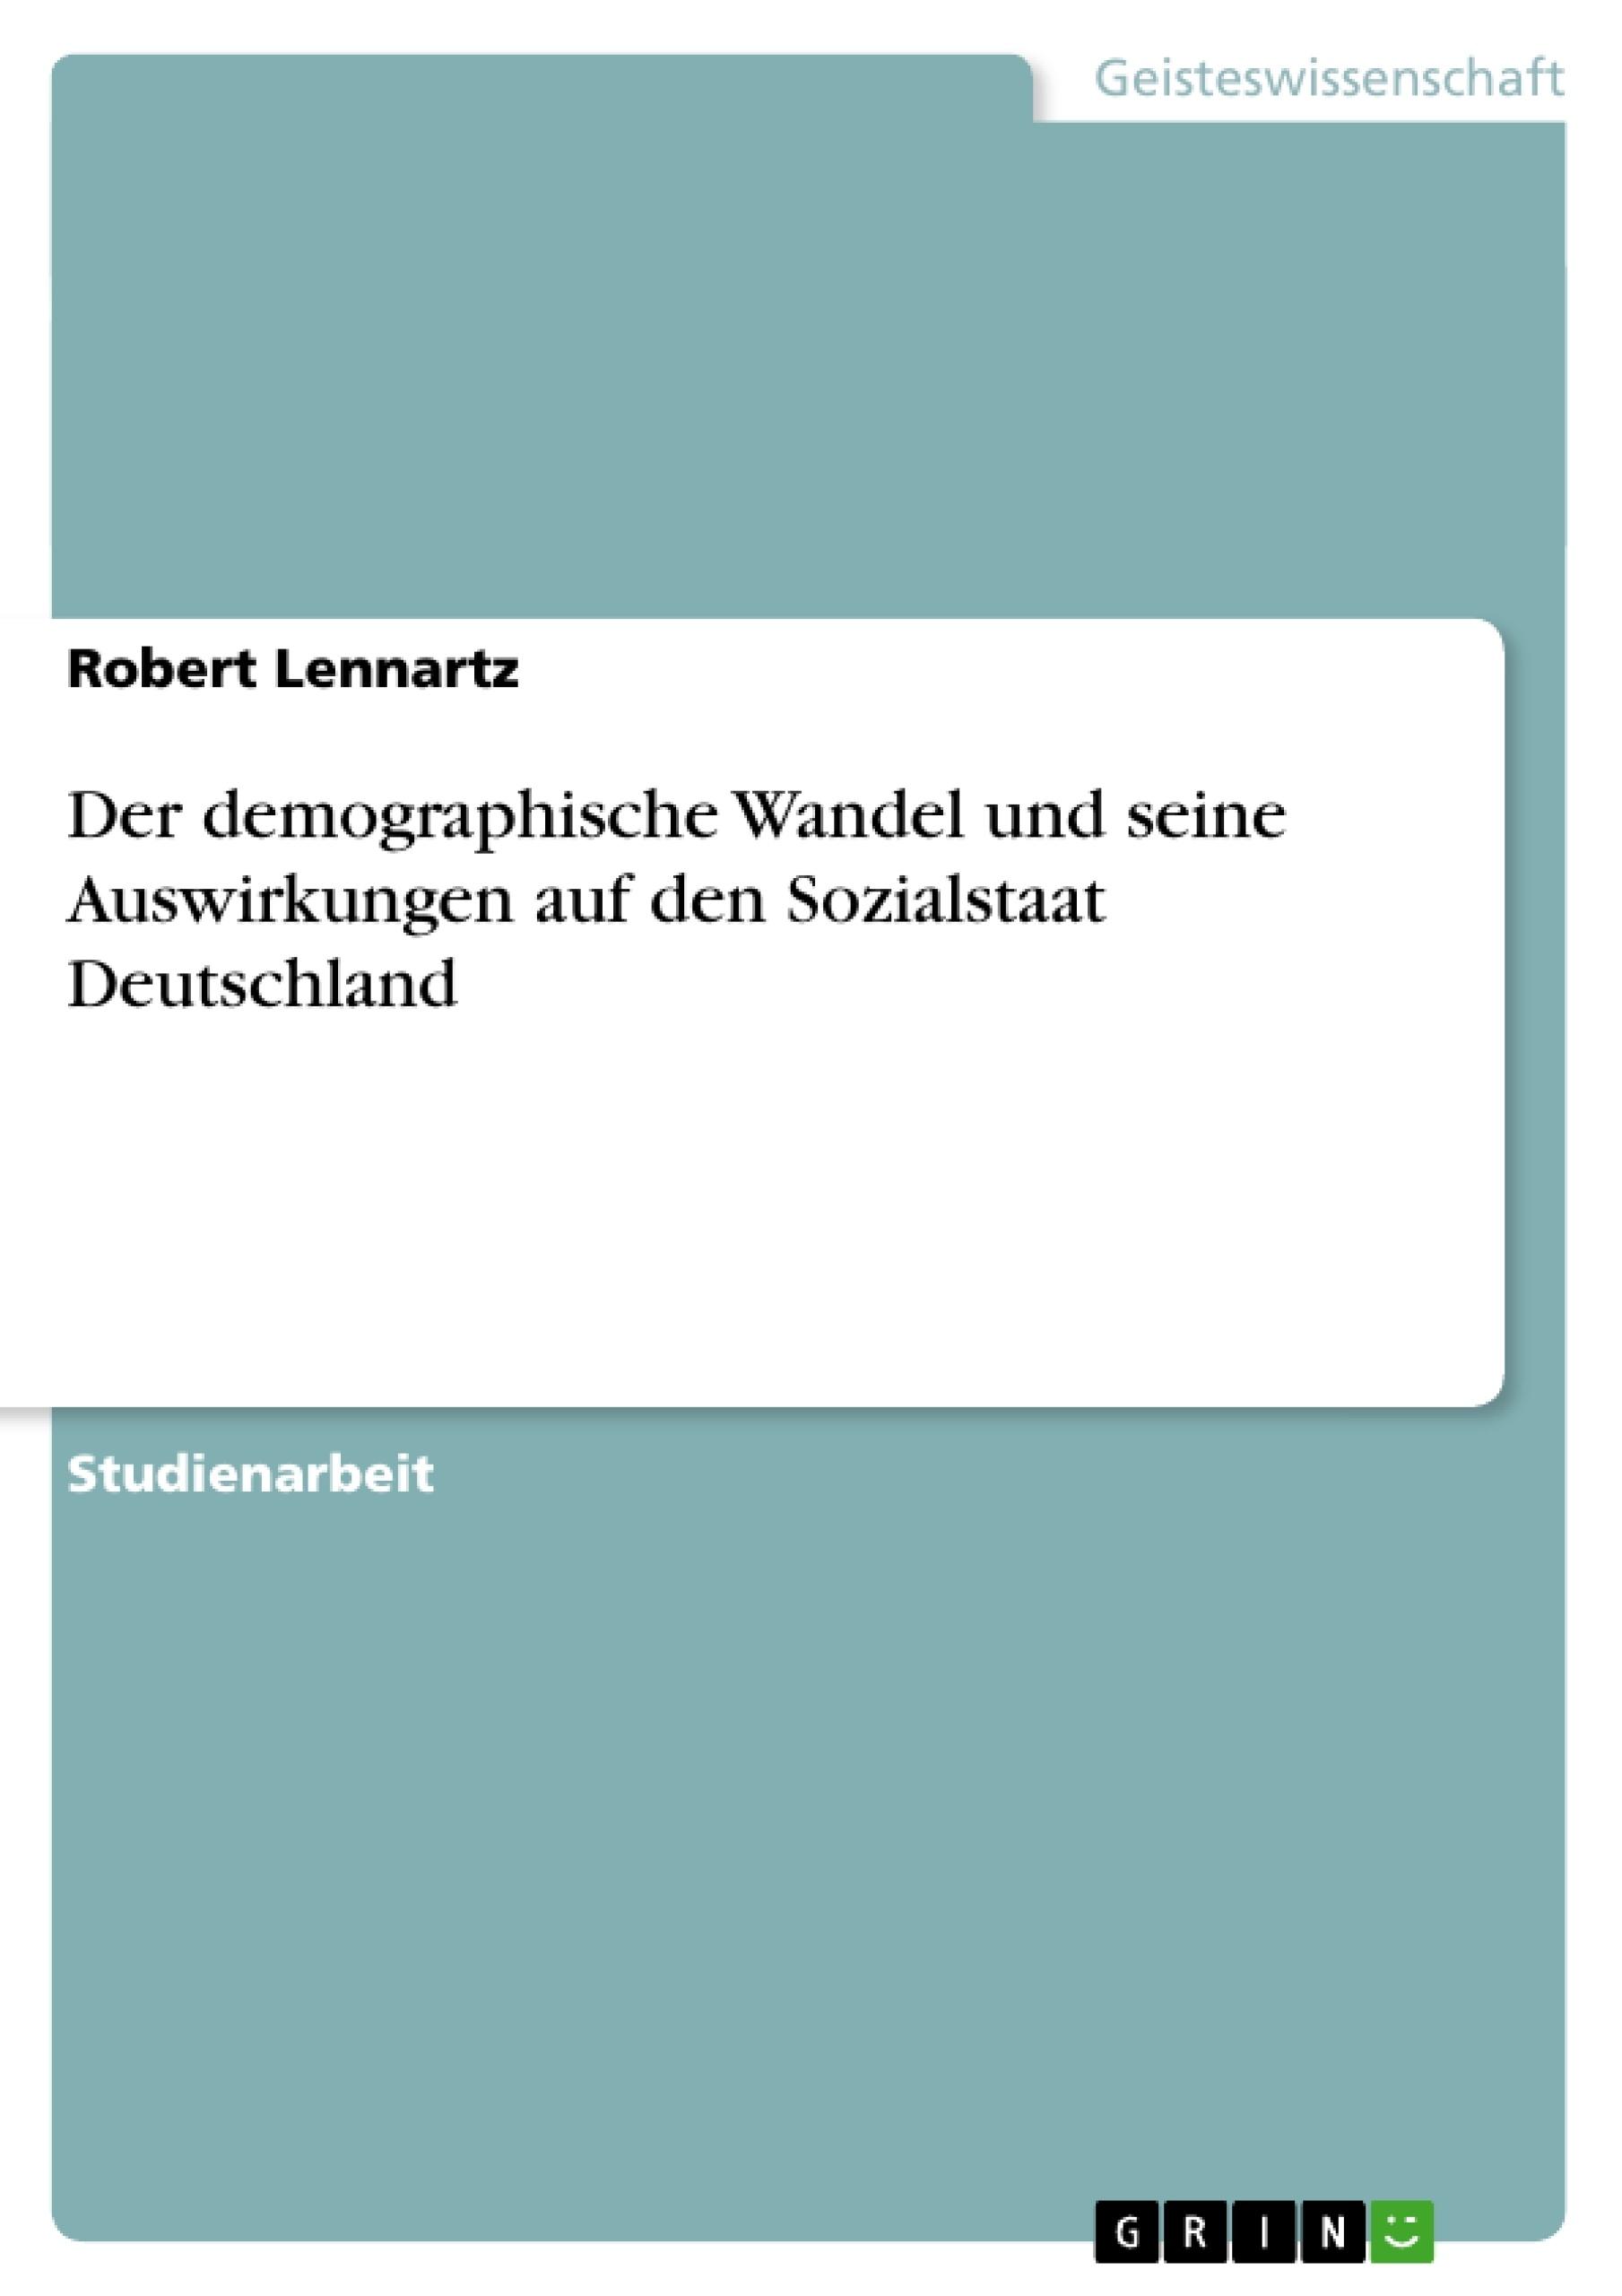 Titel: Der demographische Wandel und seine Auswirkungen auf den Sozialstaat Deutschland